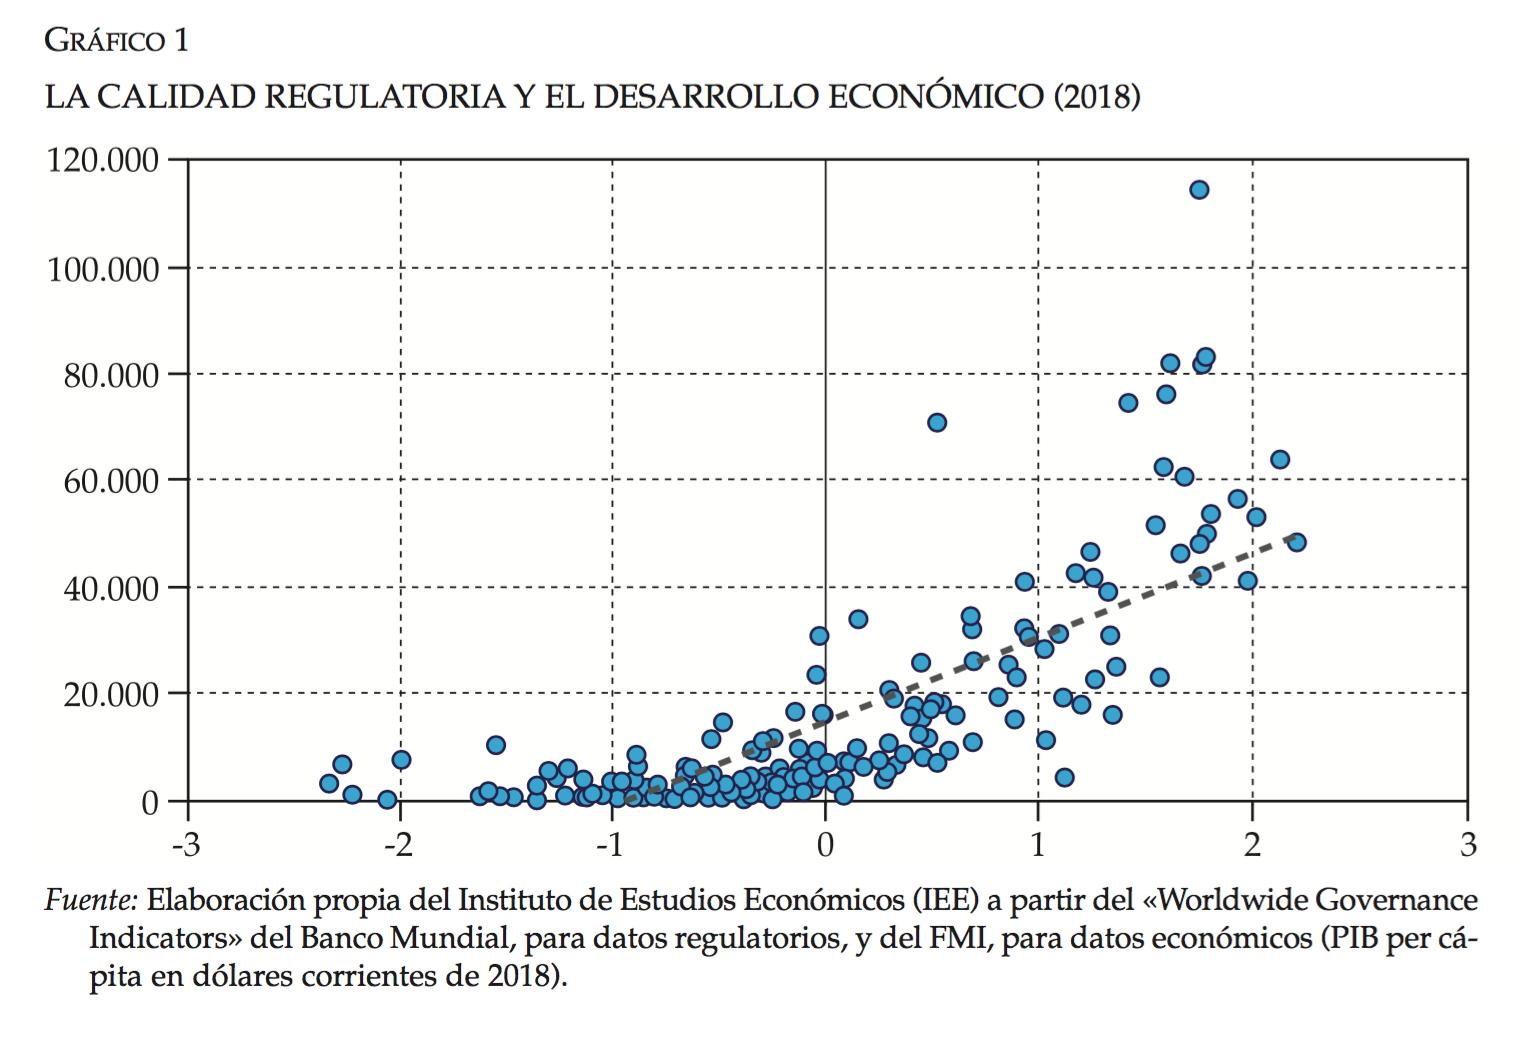 3-regulacion-pib-per-capita.png